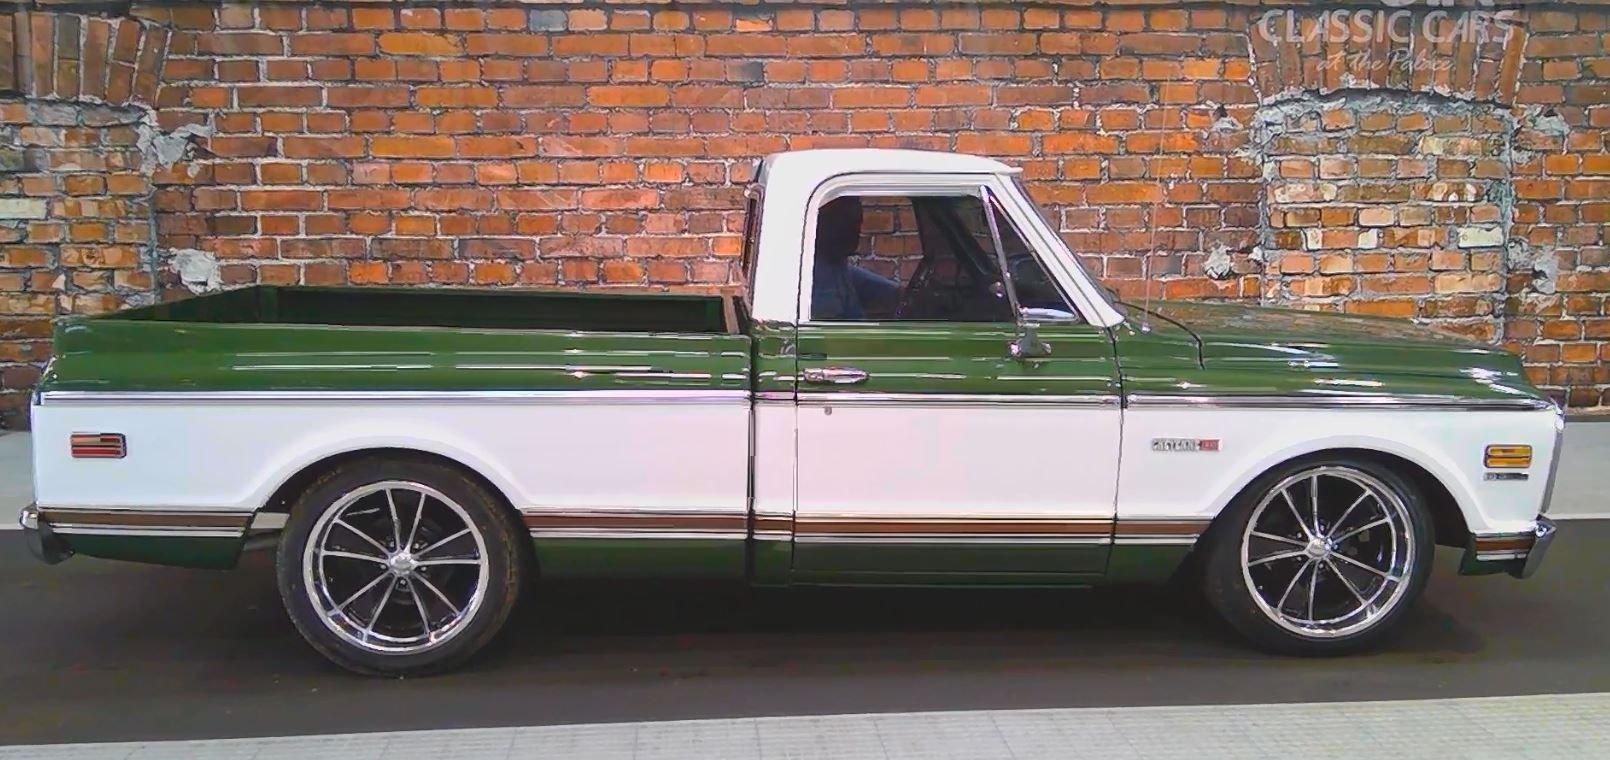 1972 chevrolet cheyenne c10